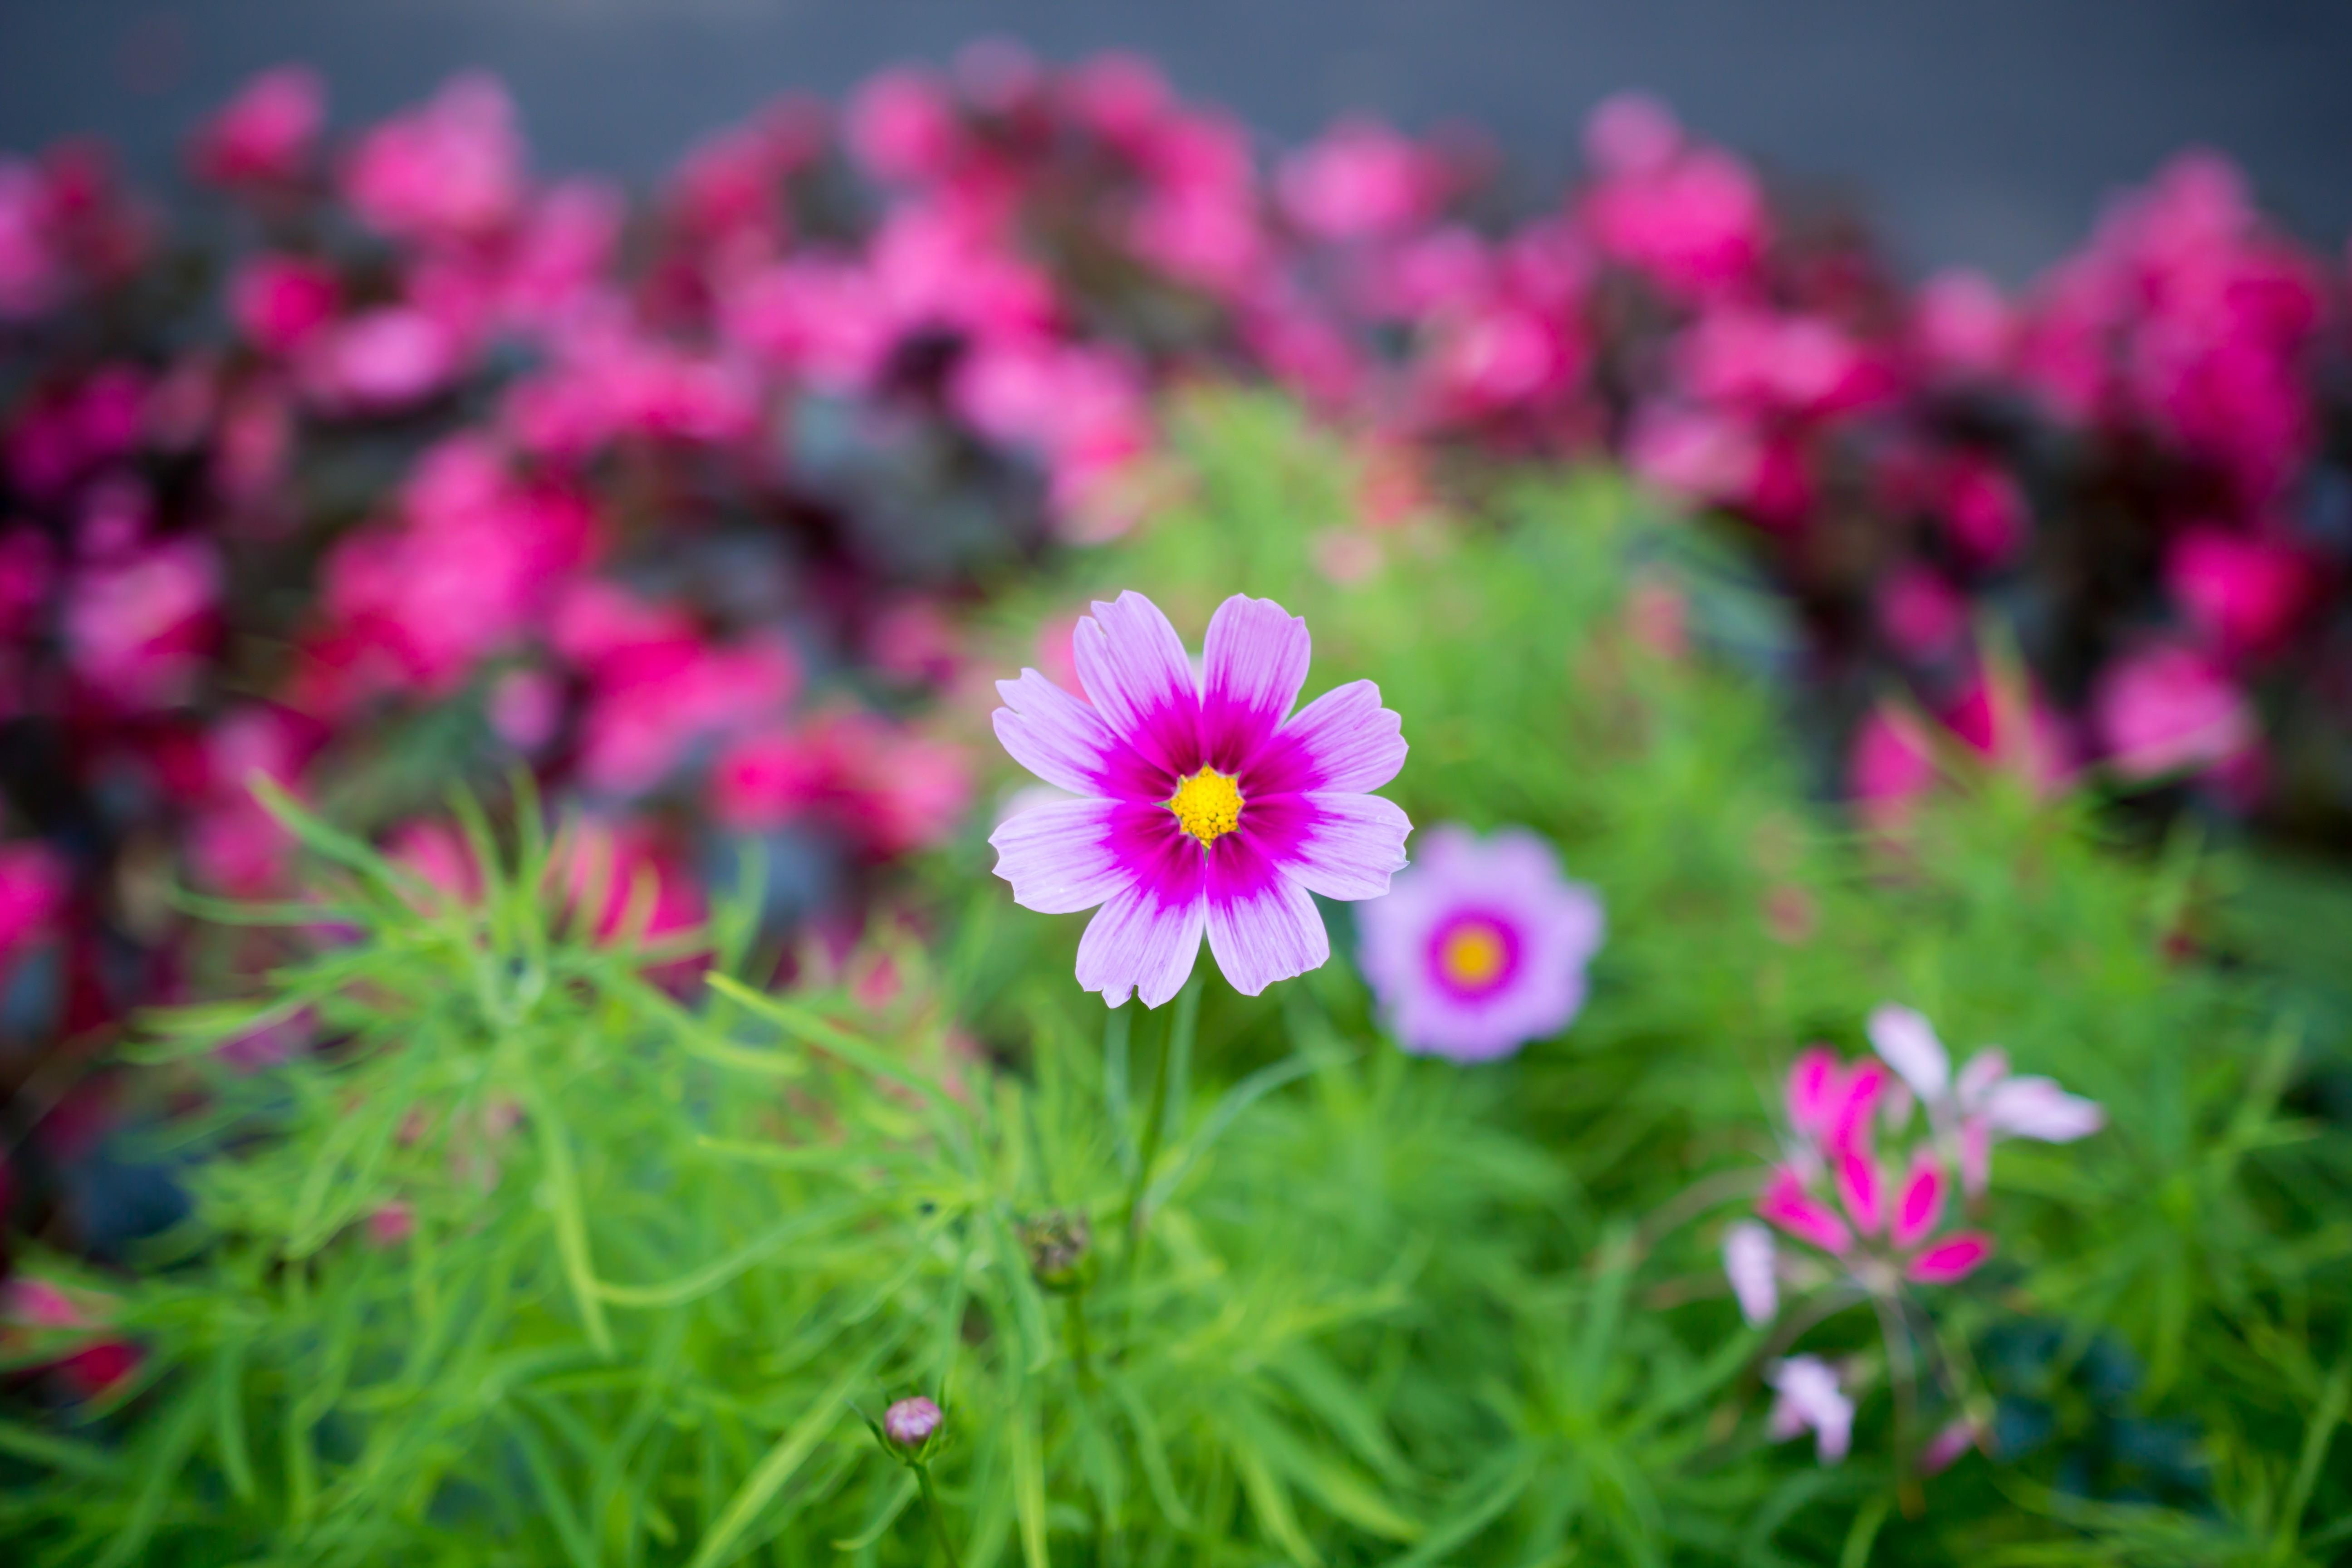 General 5184x3456 plants flowers macro